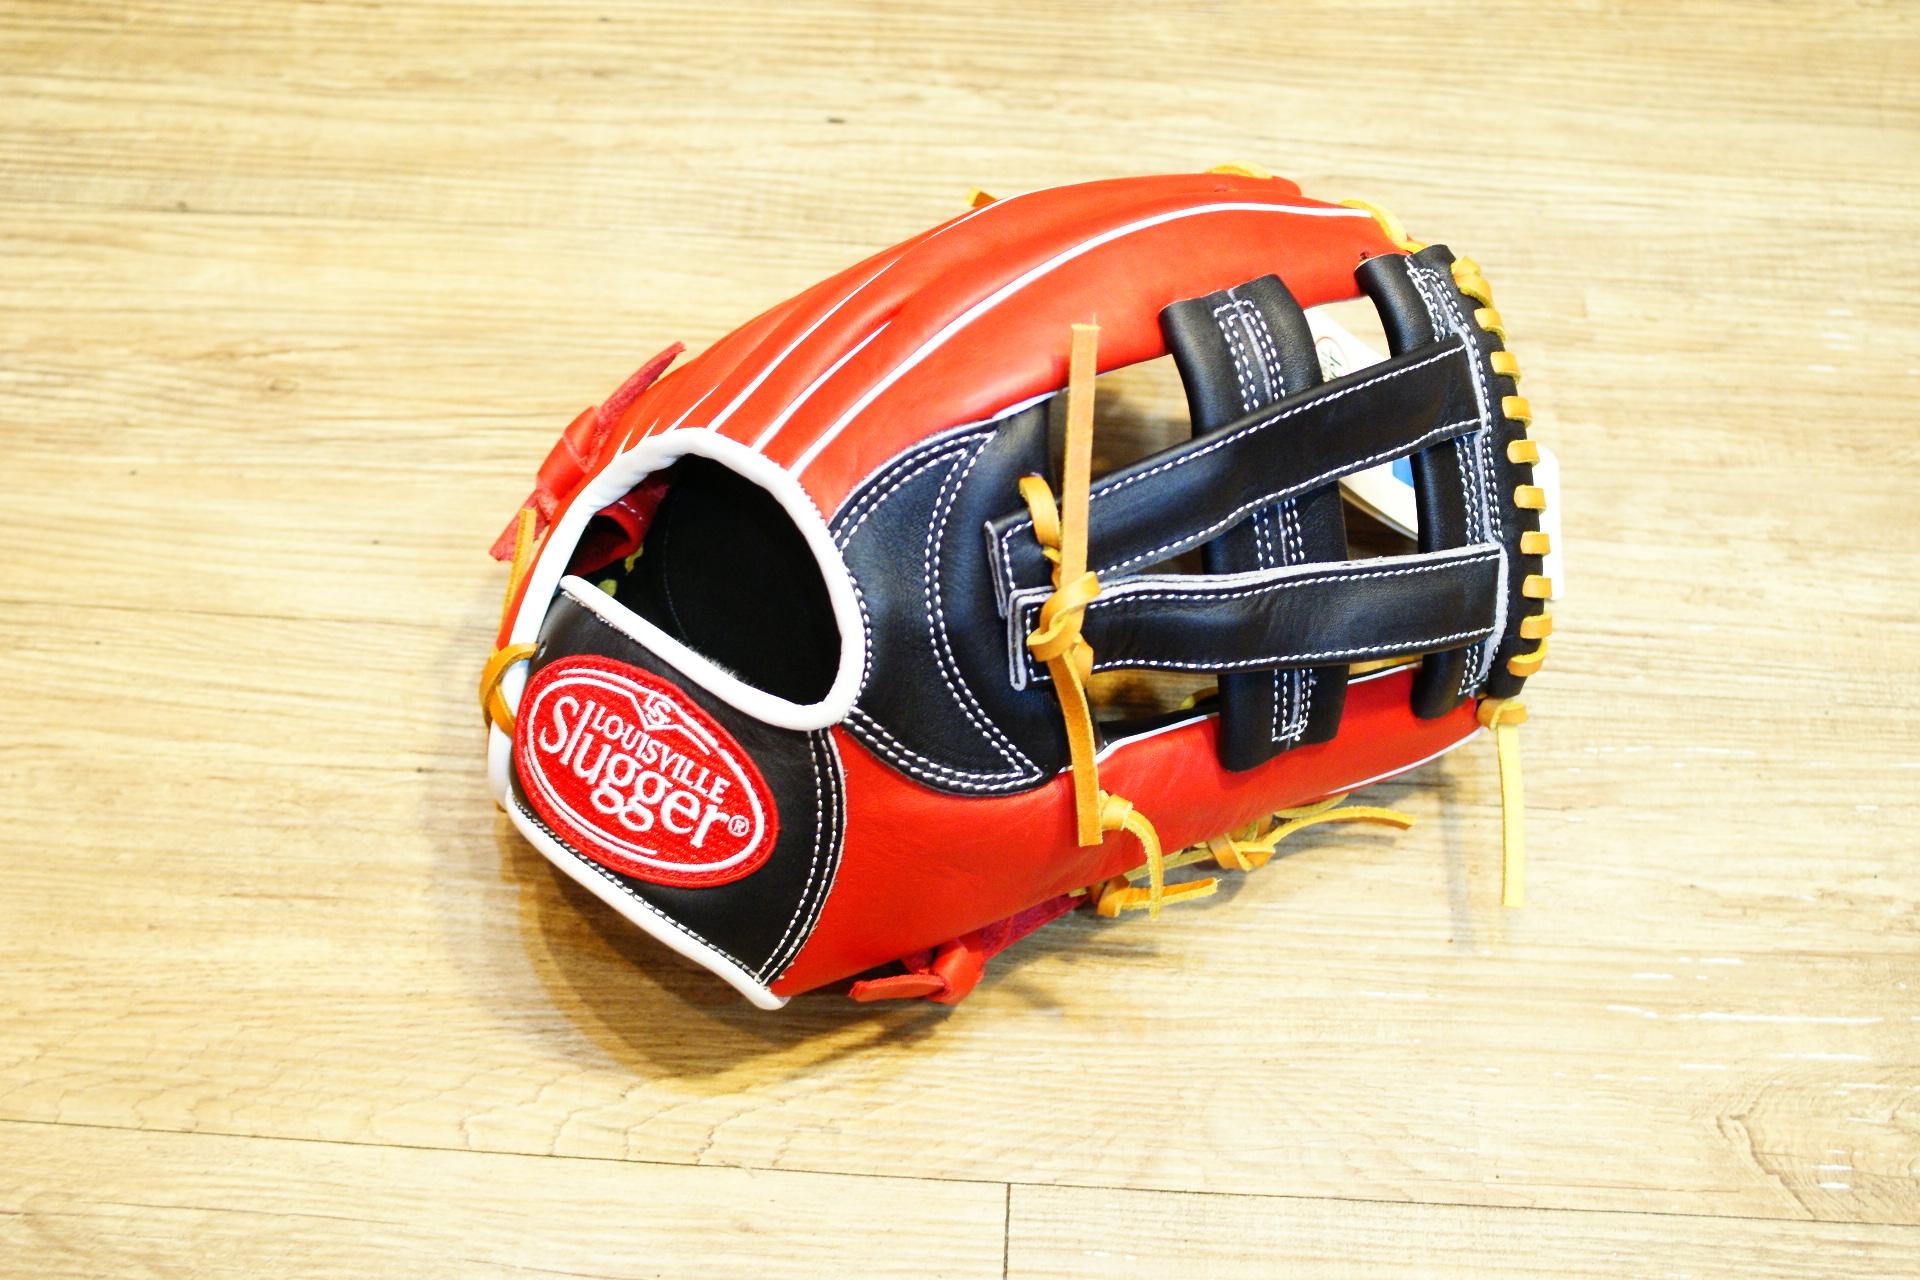 棒球世界 路易士Louisville Slugger (TPX) X-Remix 牛皮棒球手套 特價 V字檔 紅黑配色